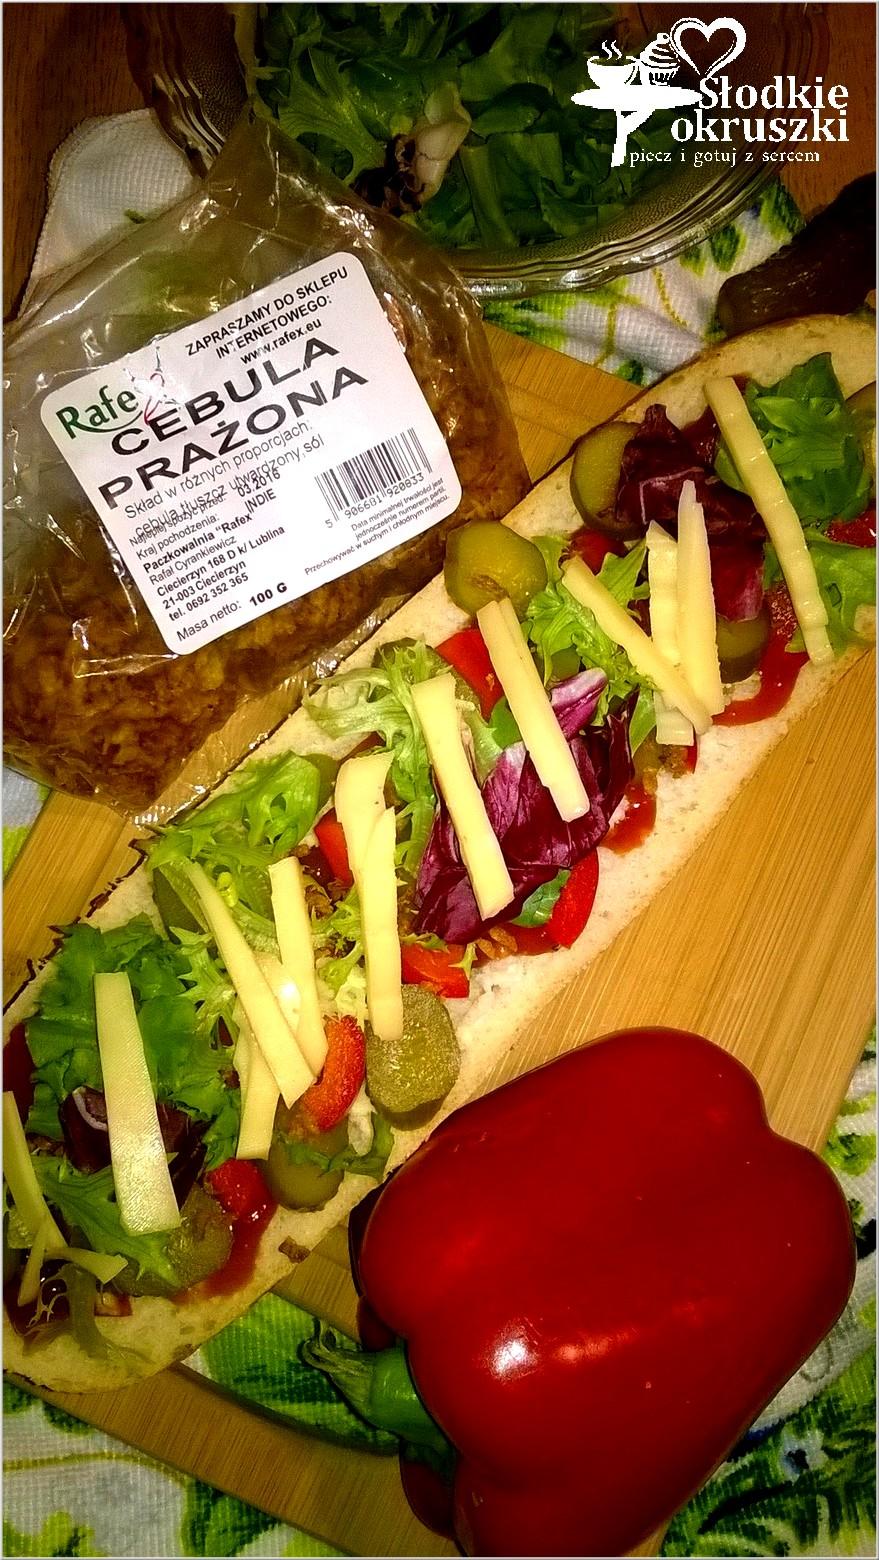 Szybka zapiekanka z warzywami i prażoną cebulką od Rafex